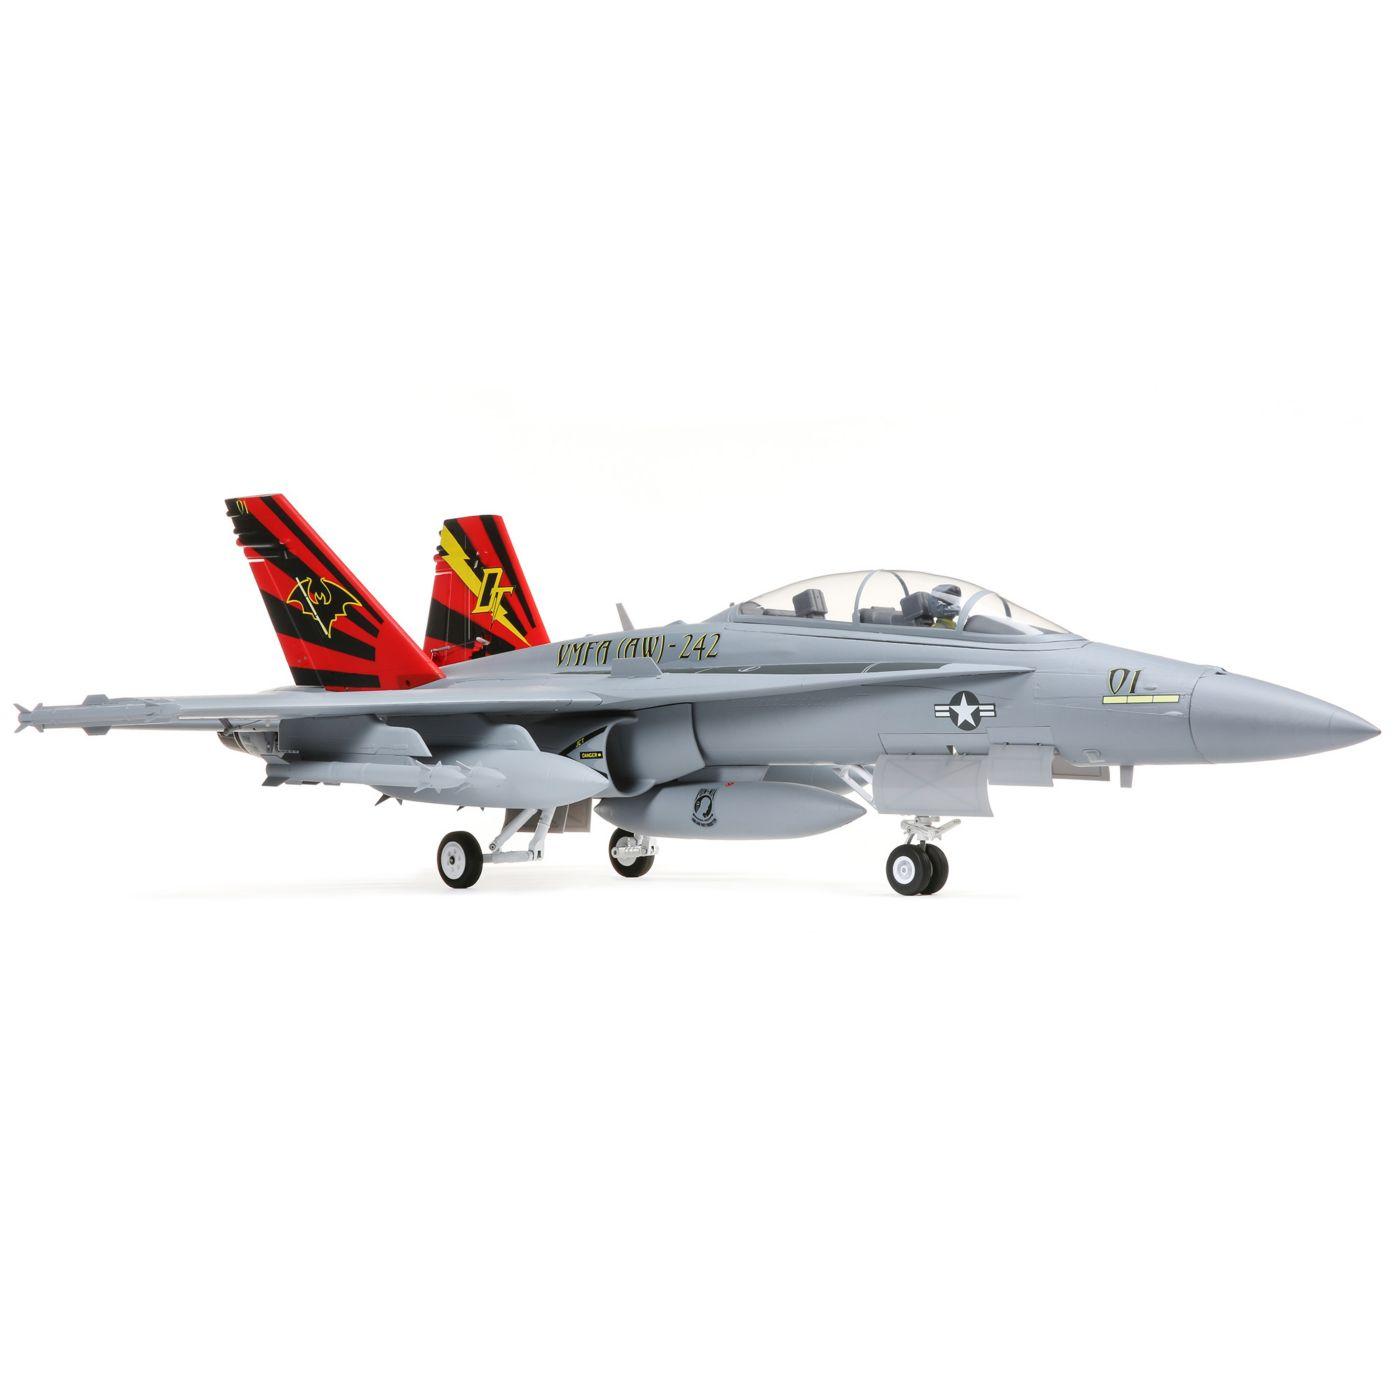 E-flite F-18 Hornet Jet EDF BNF Basic Safe 02